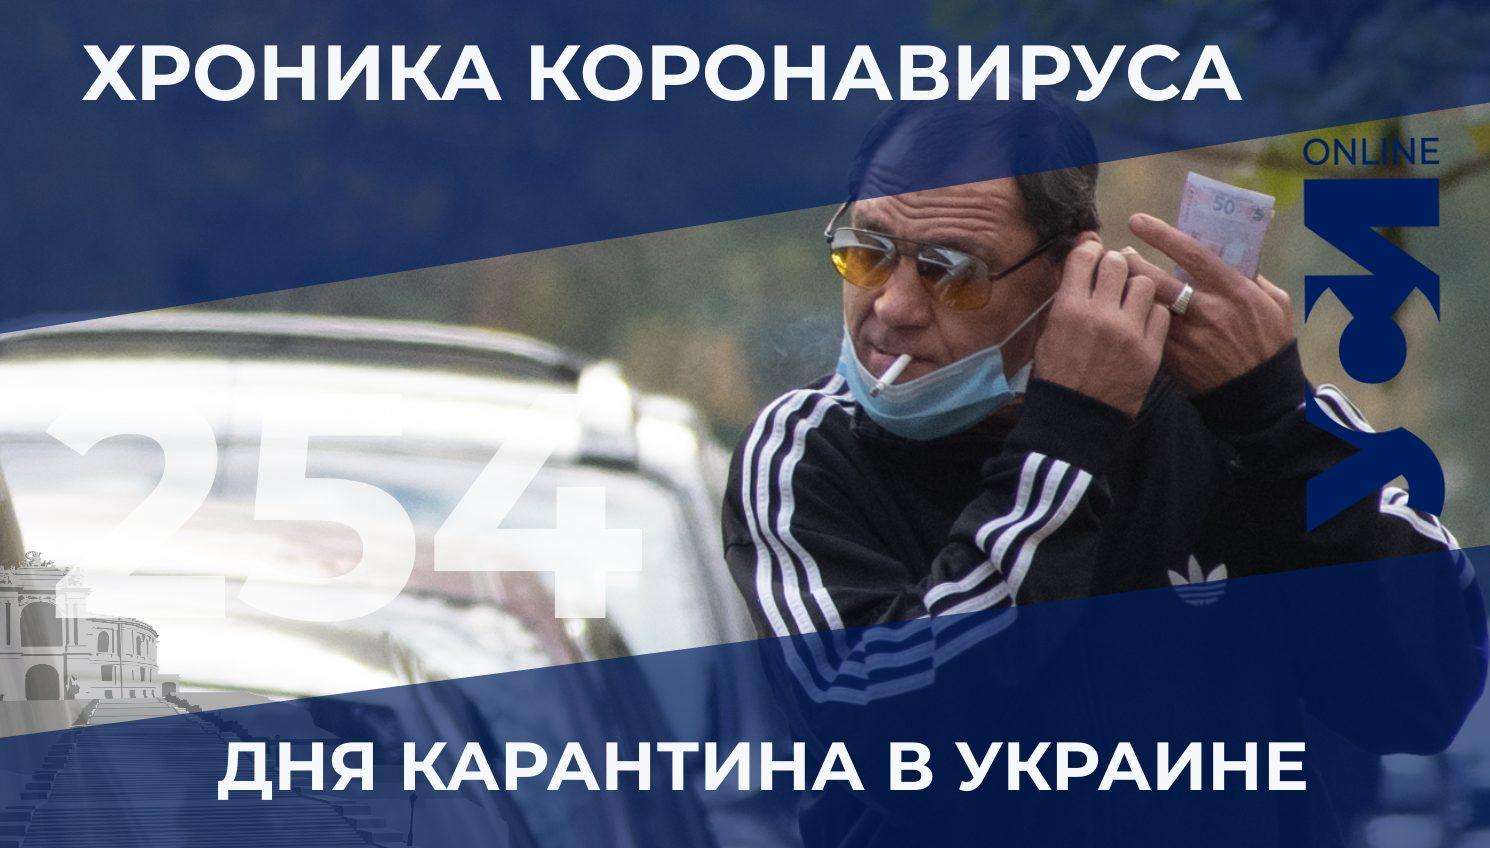 Хроника коронавируса: в Одесской области — более 670 новых случаев «фото»